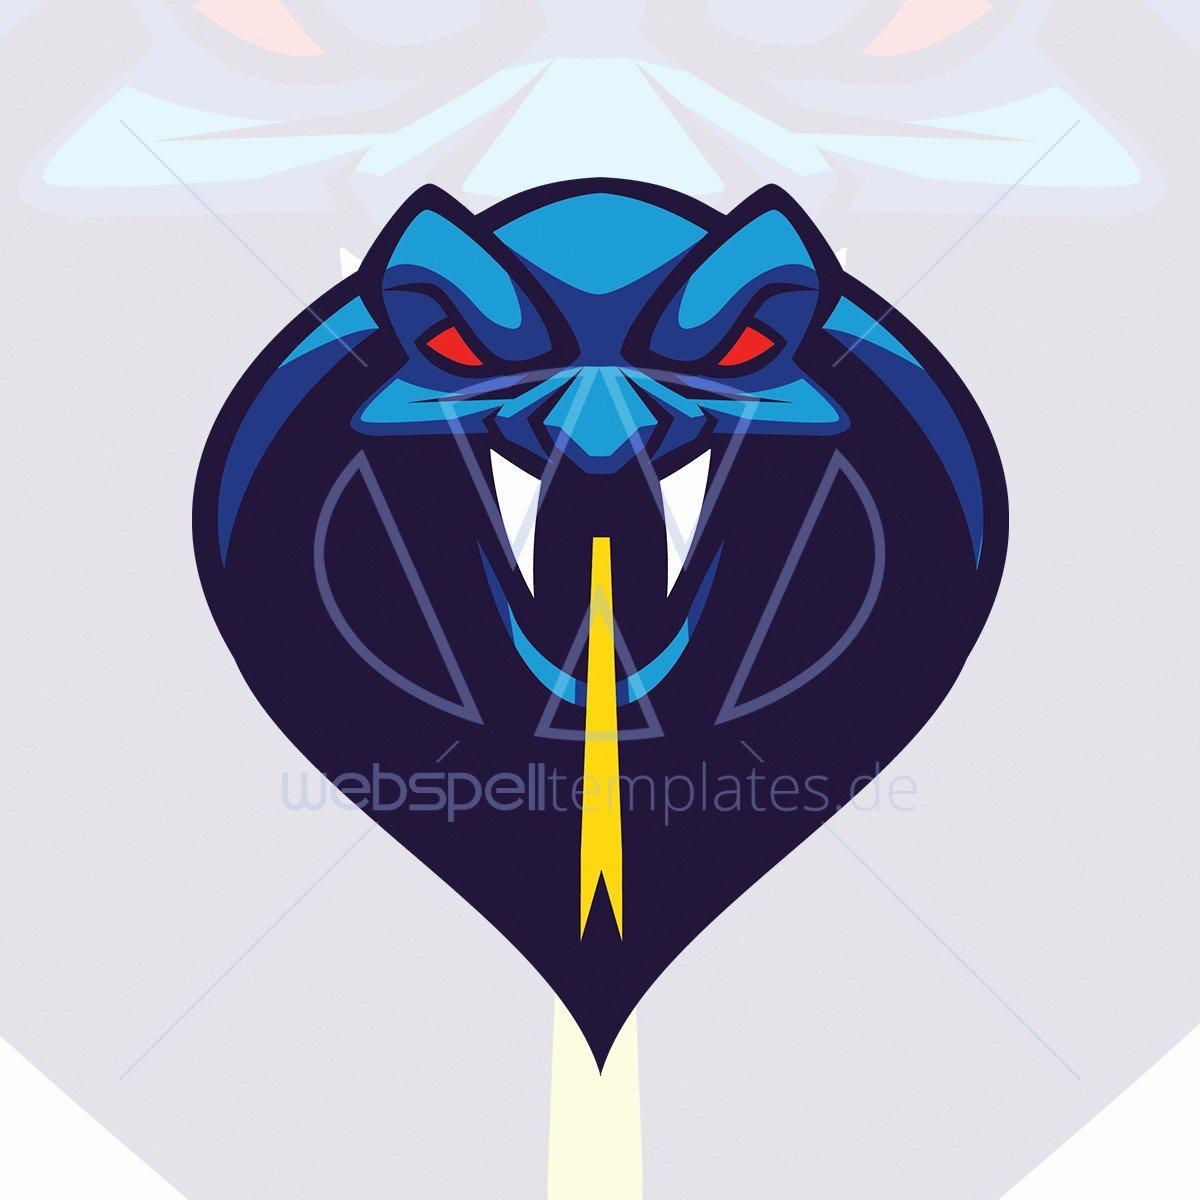 Webspelltemplates – Webspell Templatesvektor Kobra Clan